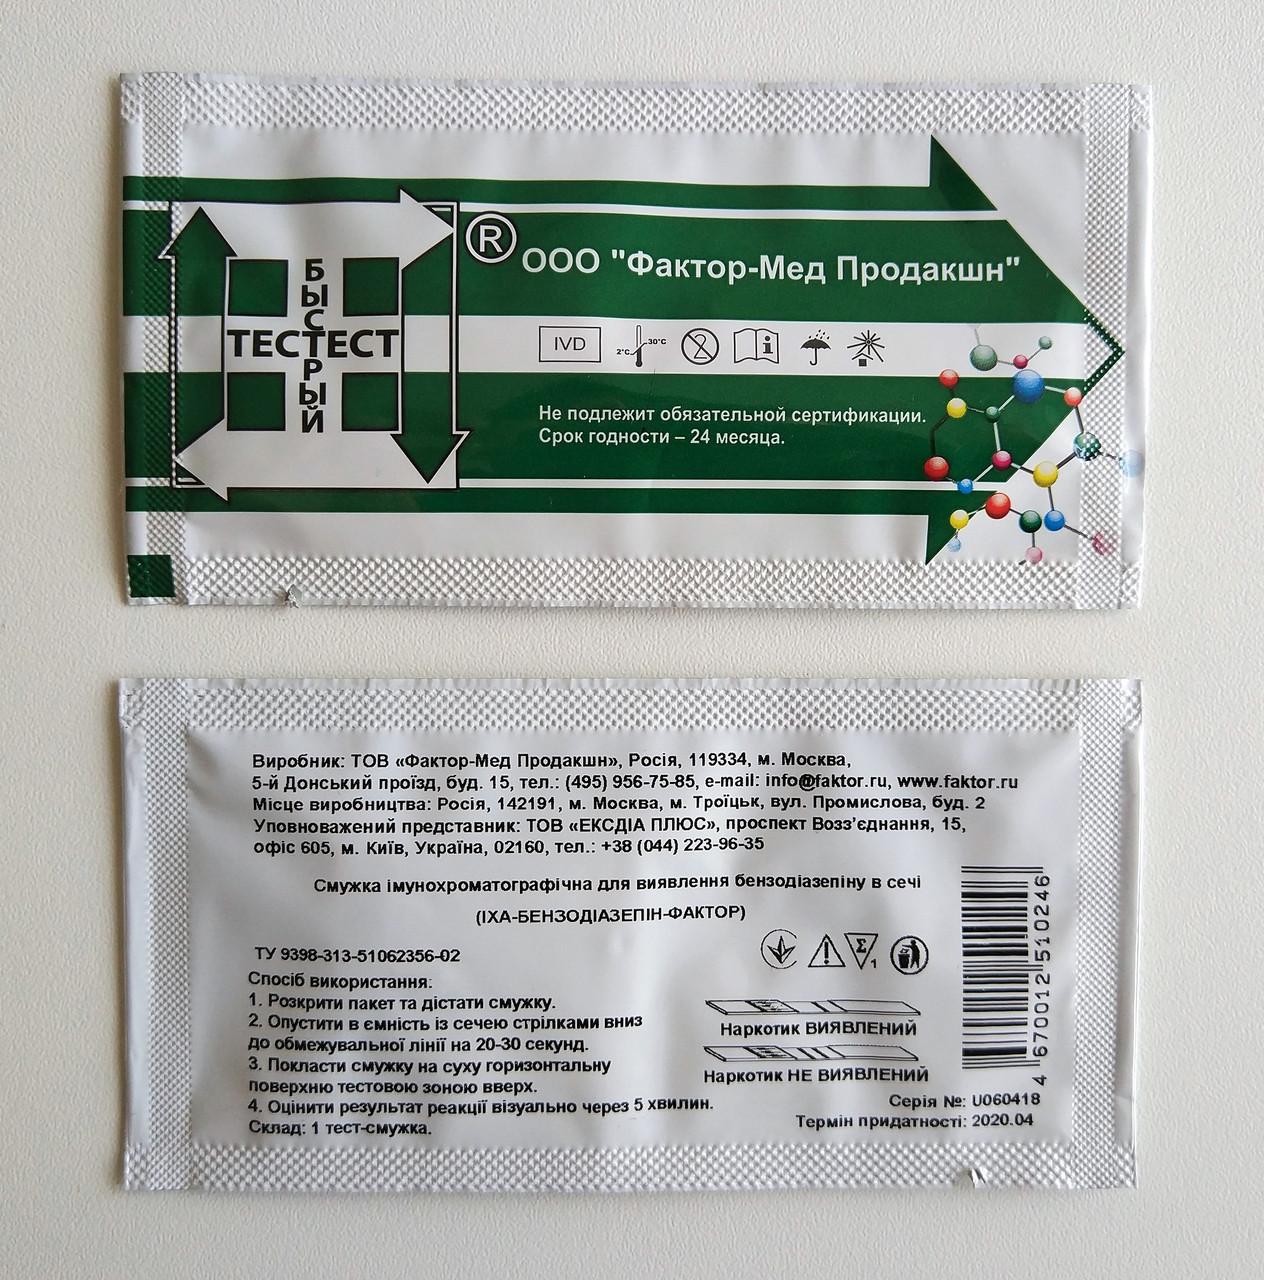 Легальный спайс 2011 в нижневартовске где купить Псилоцин Качественный Оренбург